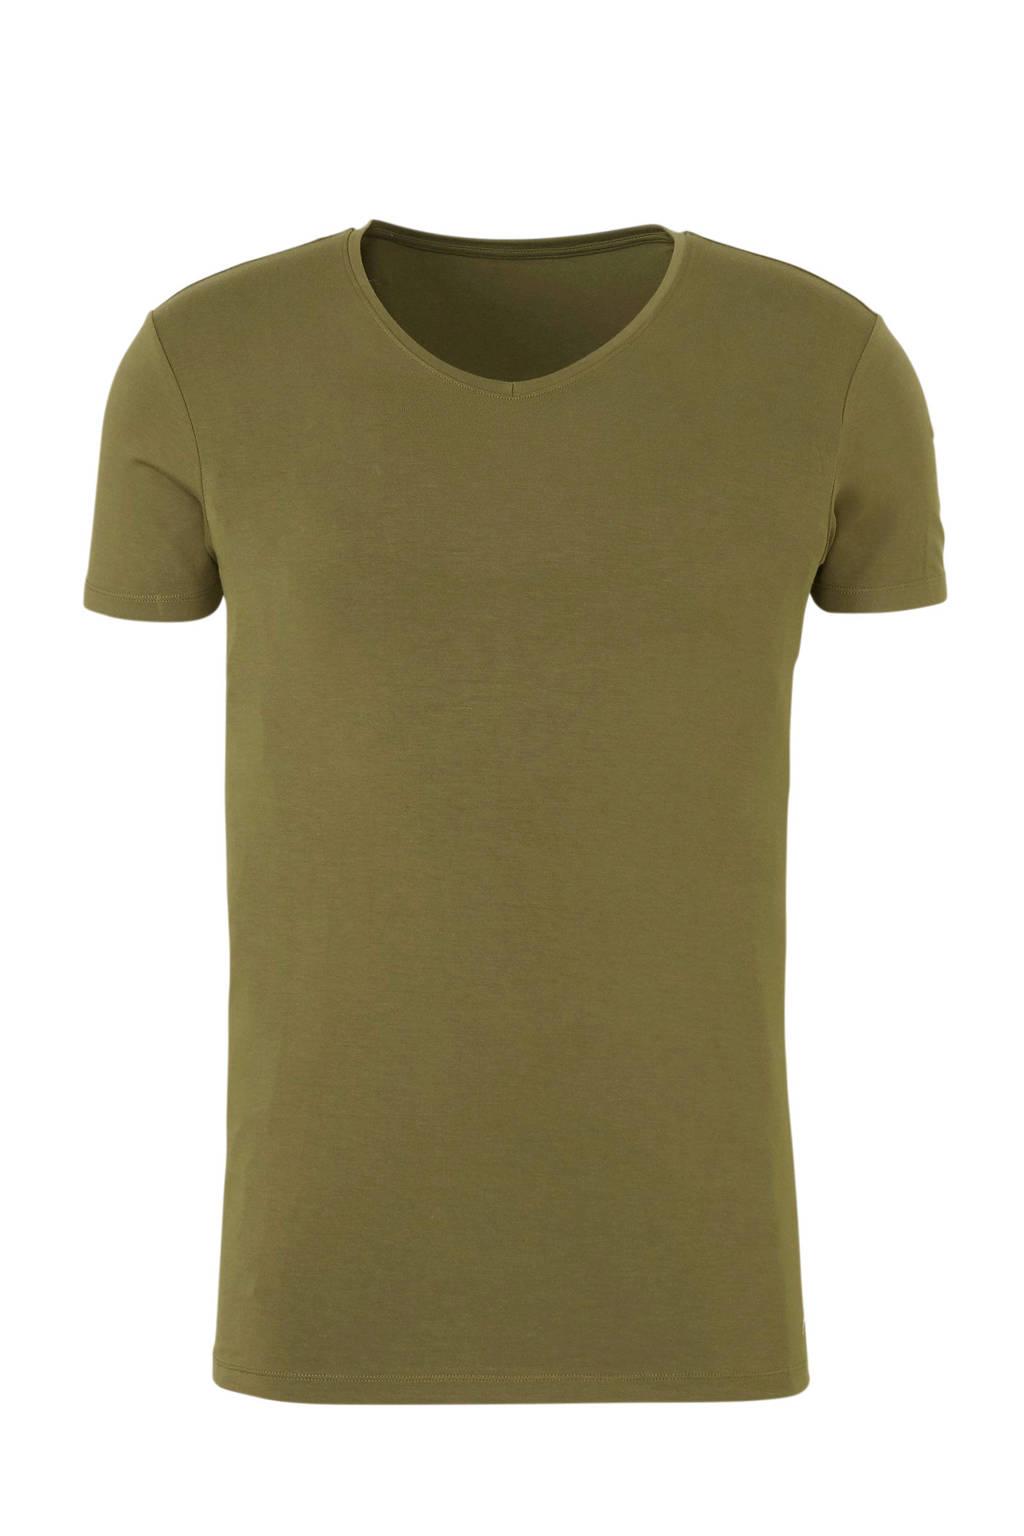 ten Cate Men Bamboo T-shirt groen, Olijfgroen